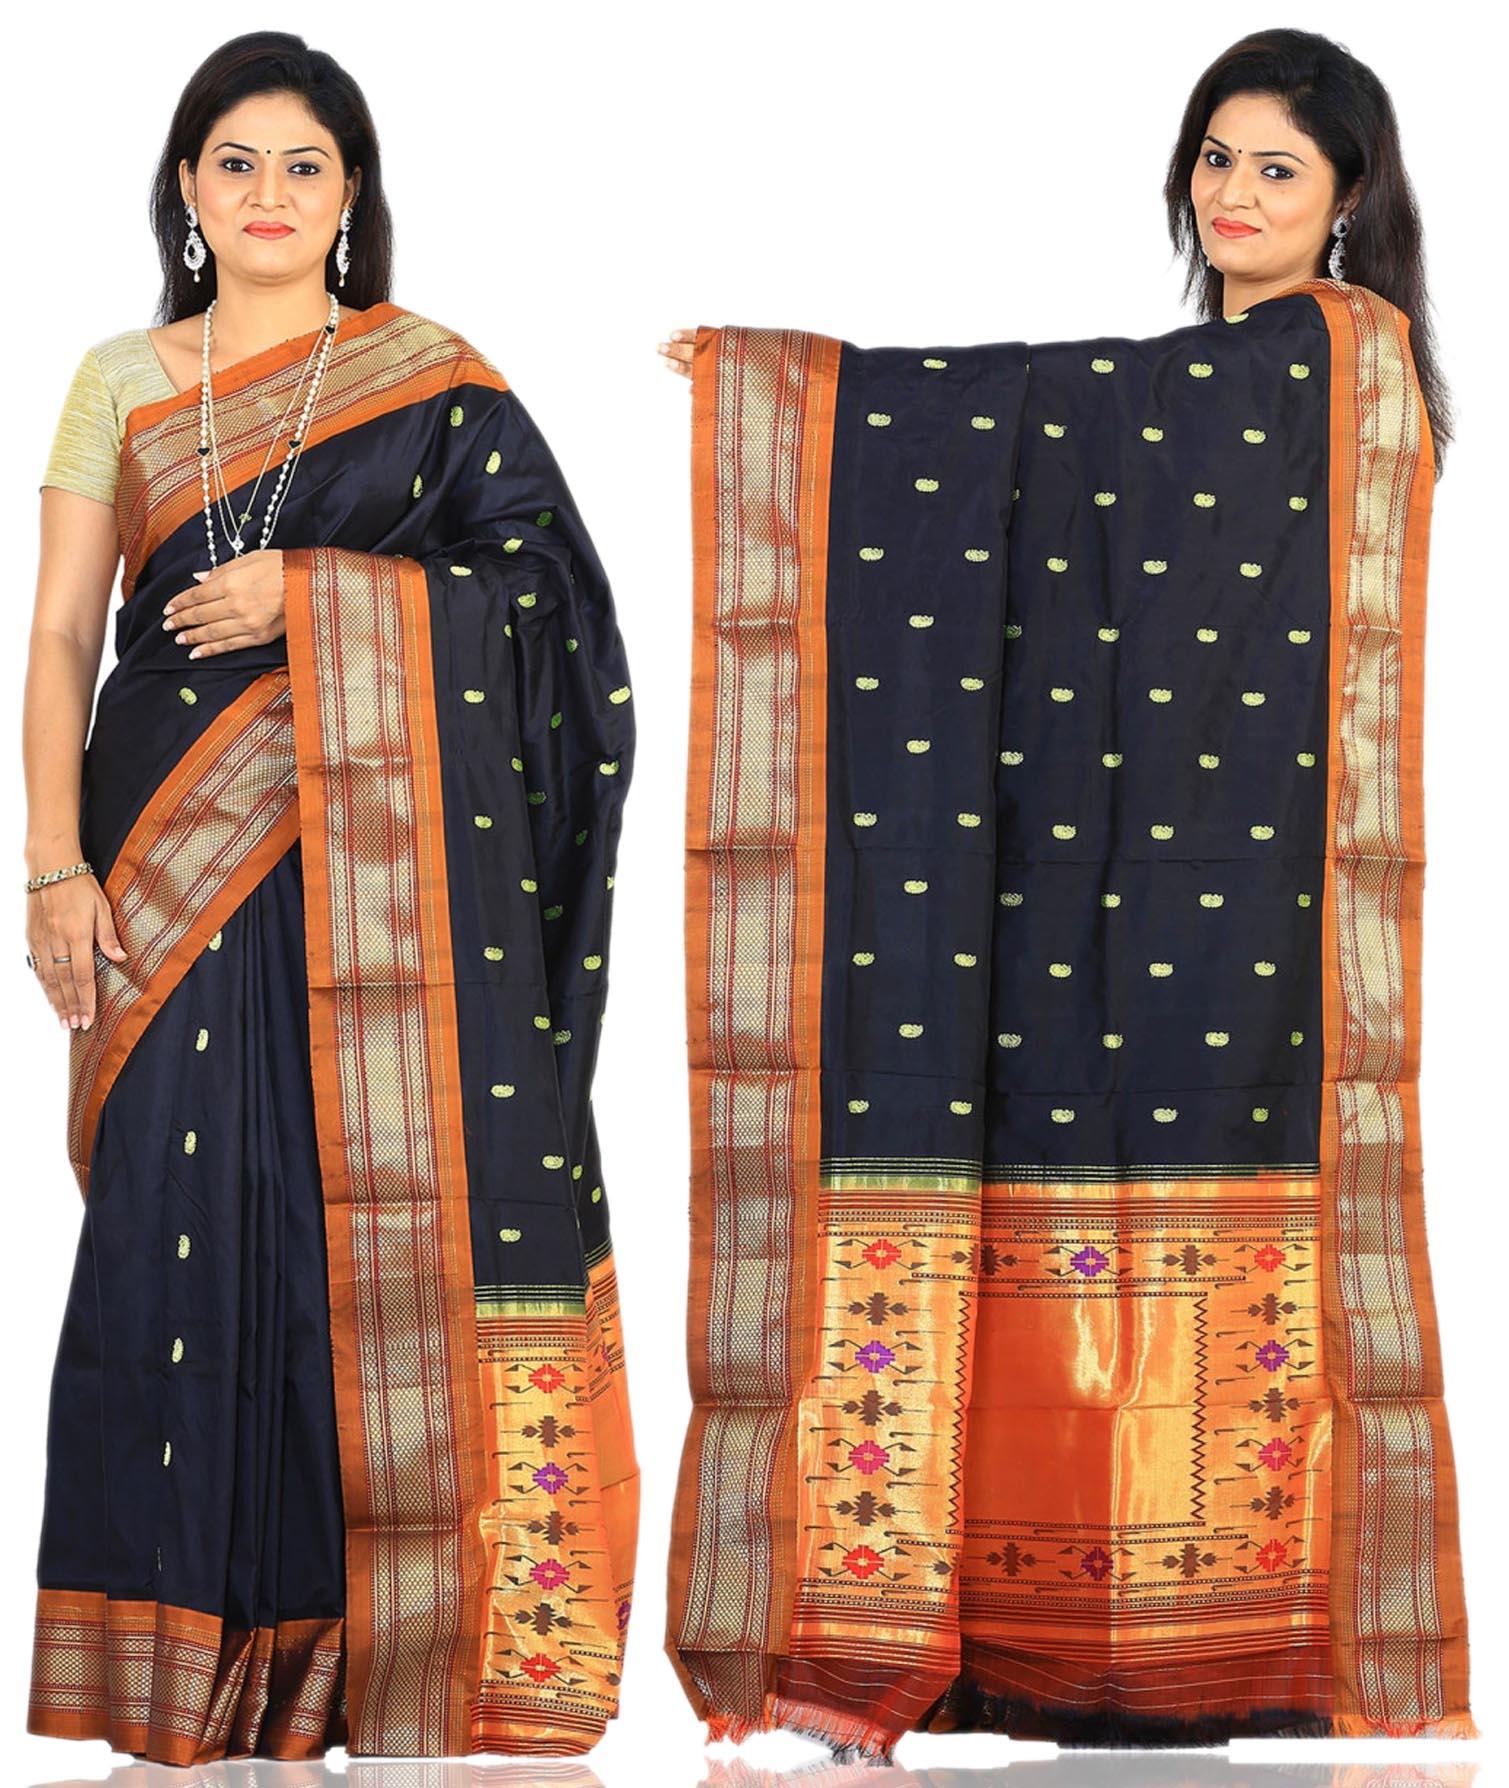 Price: - 15000/-  Paithani Sarees, Paithani Sarees online shopping, Paithani Silk Saree With Matching Blouse Piece, Paithani Sarees Price. Sign up now for E-book you will be updated with latest collection of ethnic verities. For More Info Click on :- www.uppada.com  We manufacture of Uppada sarees, Paithani sarees, Banarasi sarees, Venkatagiri Sarees, Gadwal Sarees, Khadi sarees, Hand Painted Kalamkari Dupatta, Ikkat sarees, Kanchipuram Sarees, Atr Poly Silk Sarees, Dupattas, Stoles etc. For more info us at 040 64640303, 441905005. Buy online: - uppada.com - by Paithani, Hyderabad